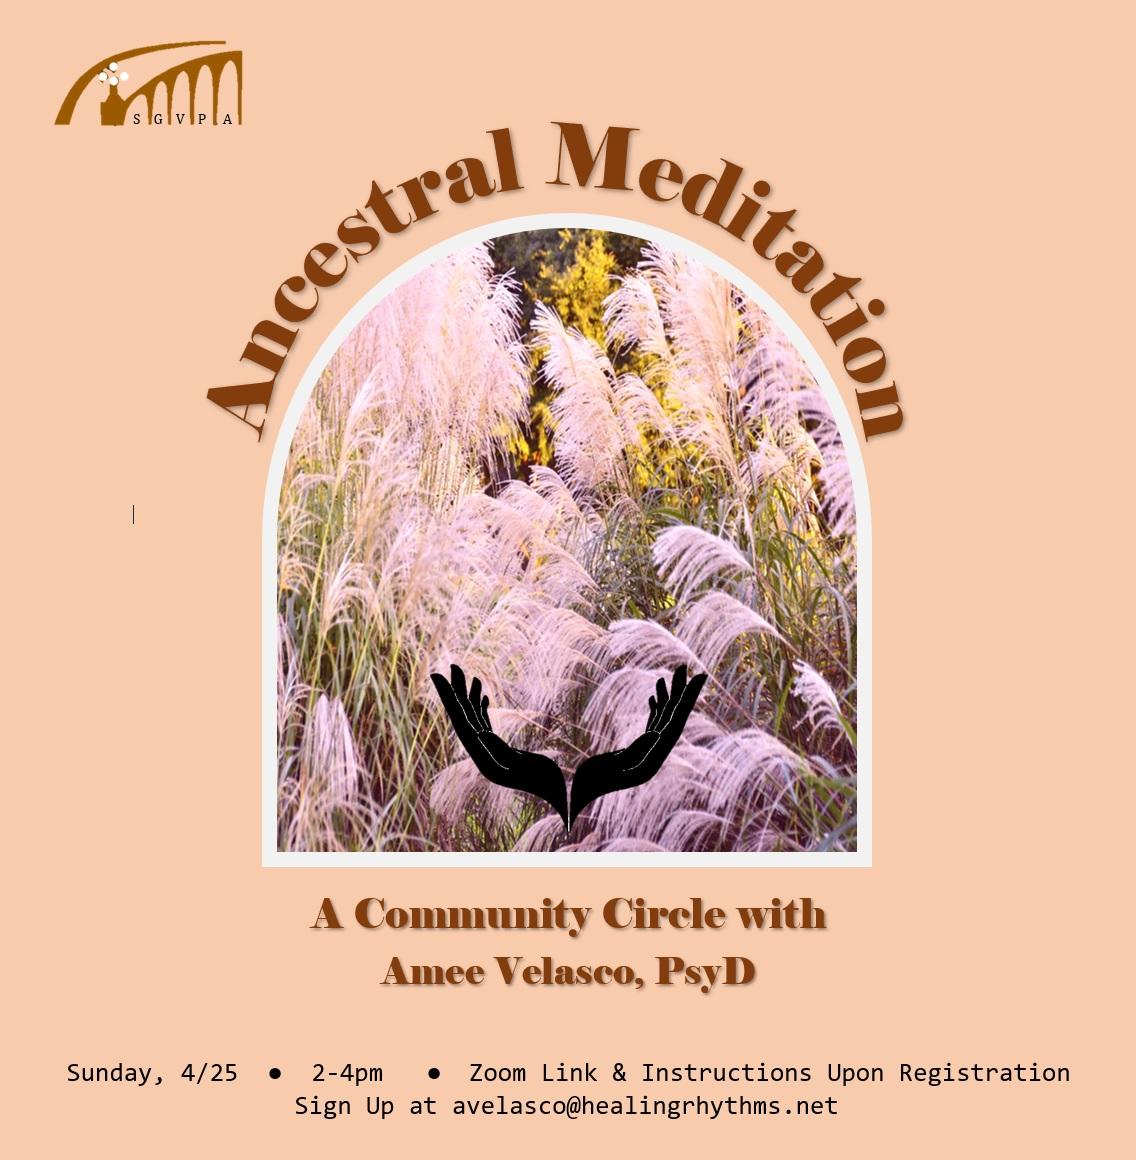 Ancestral Meditation Flyer